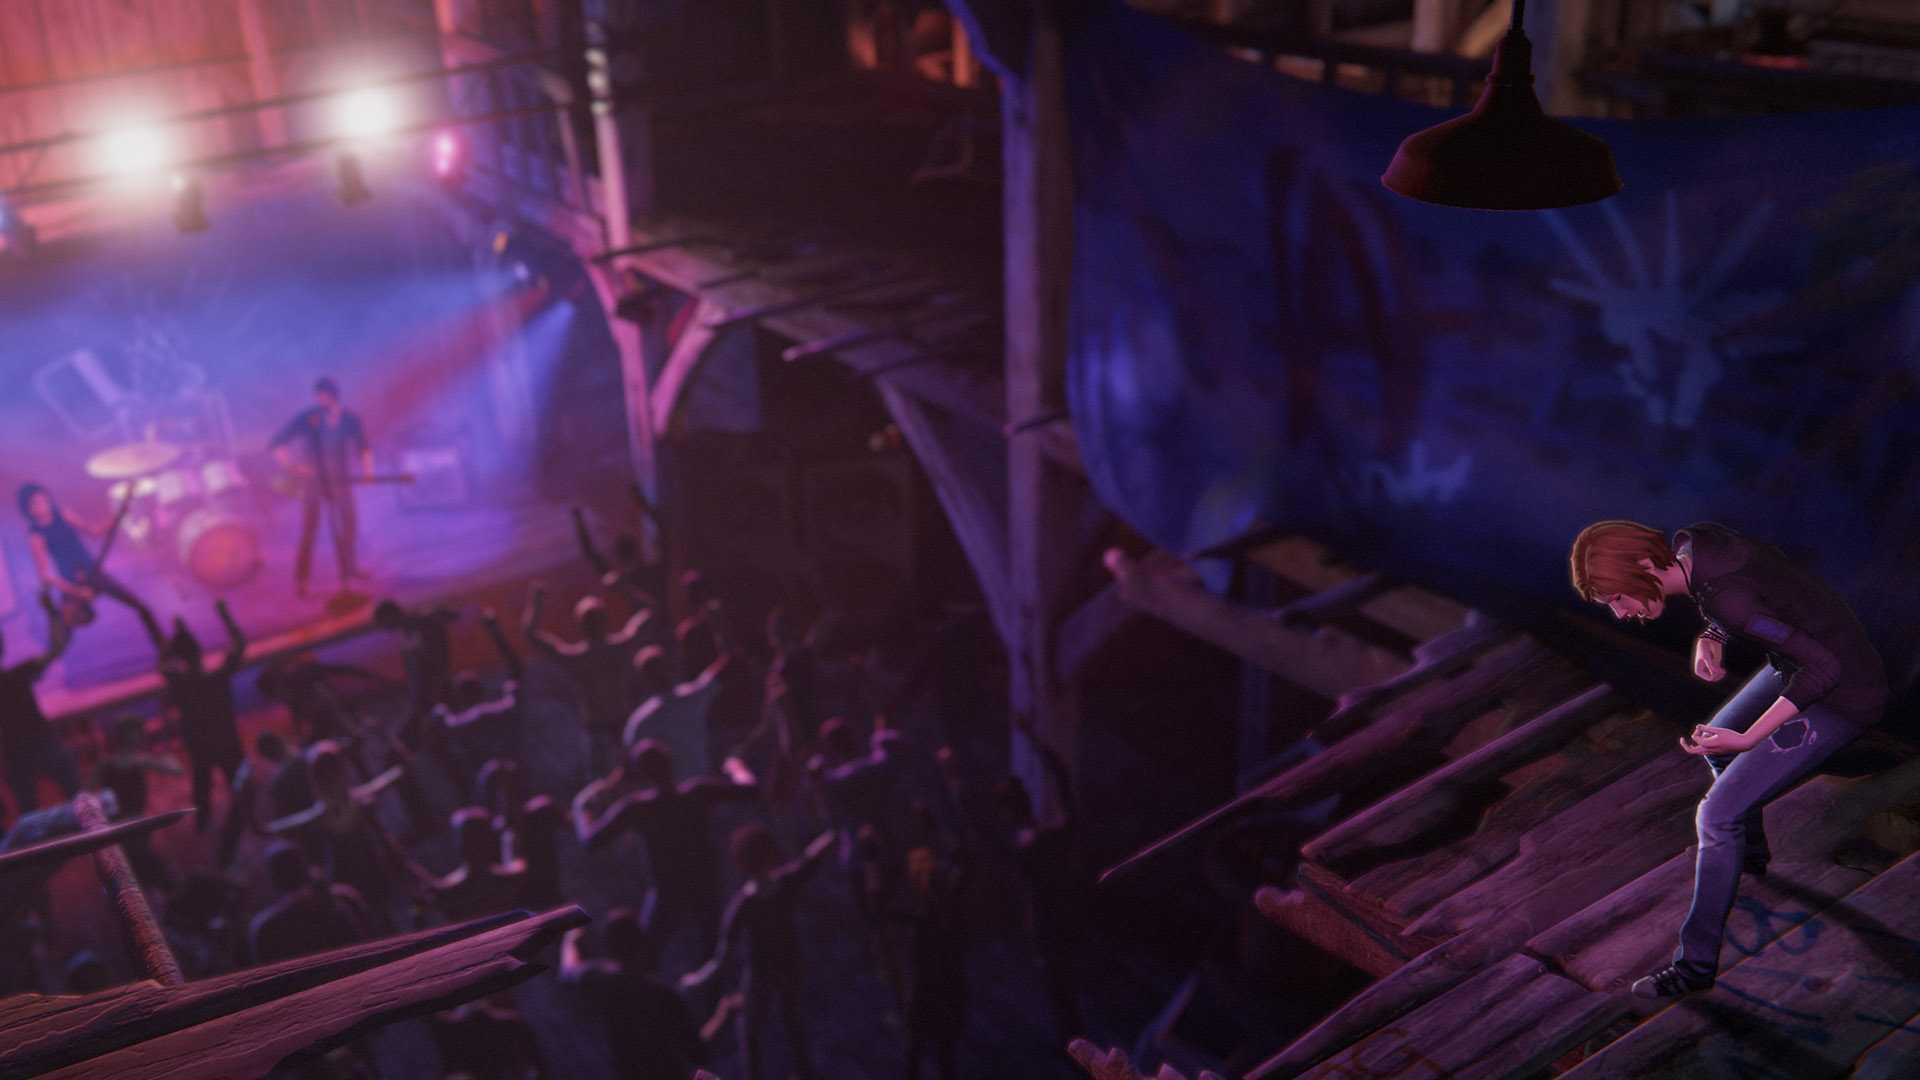 6月7日の発売が迫る『ライフ イズ ストレンジ ビフォア ザ ストーム』のストーリーをまとめたトレーラーが公開